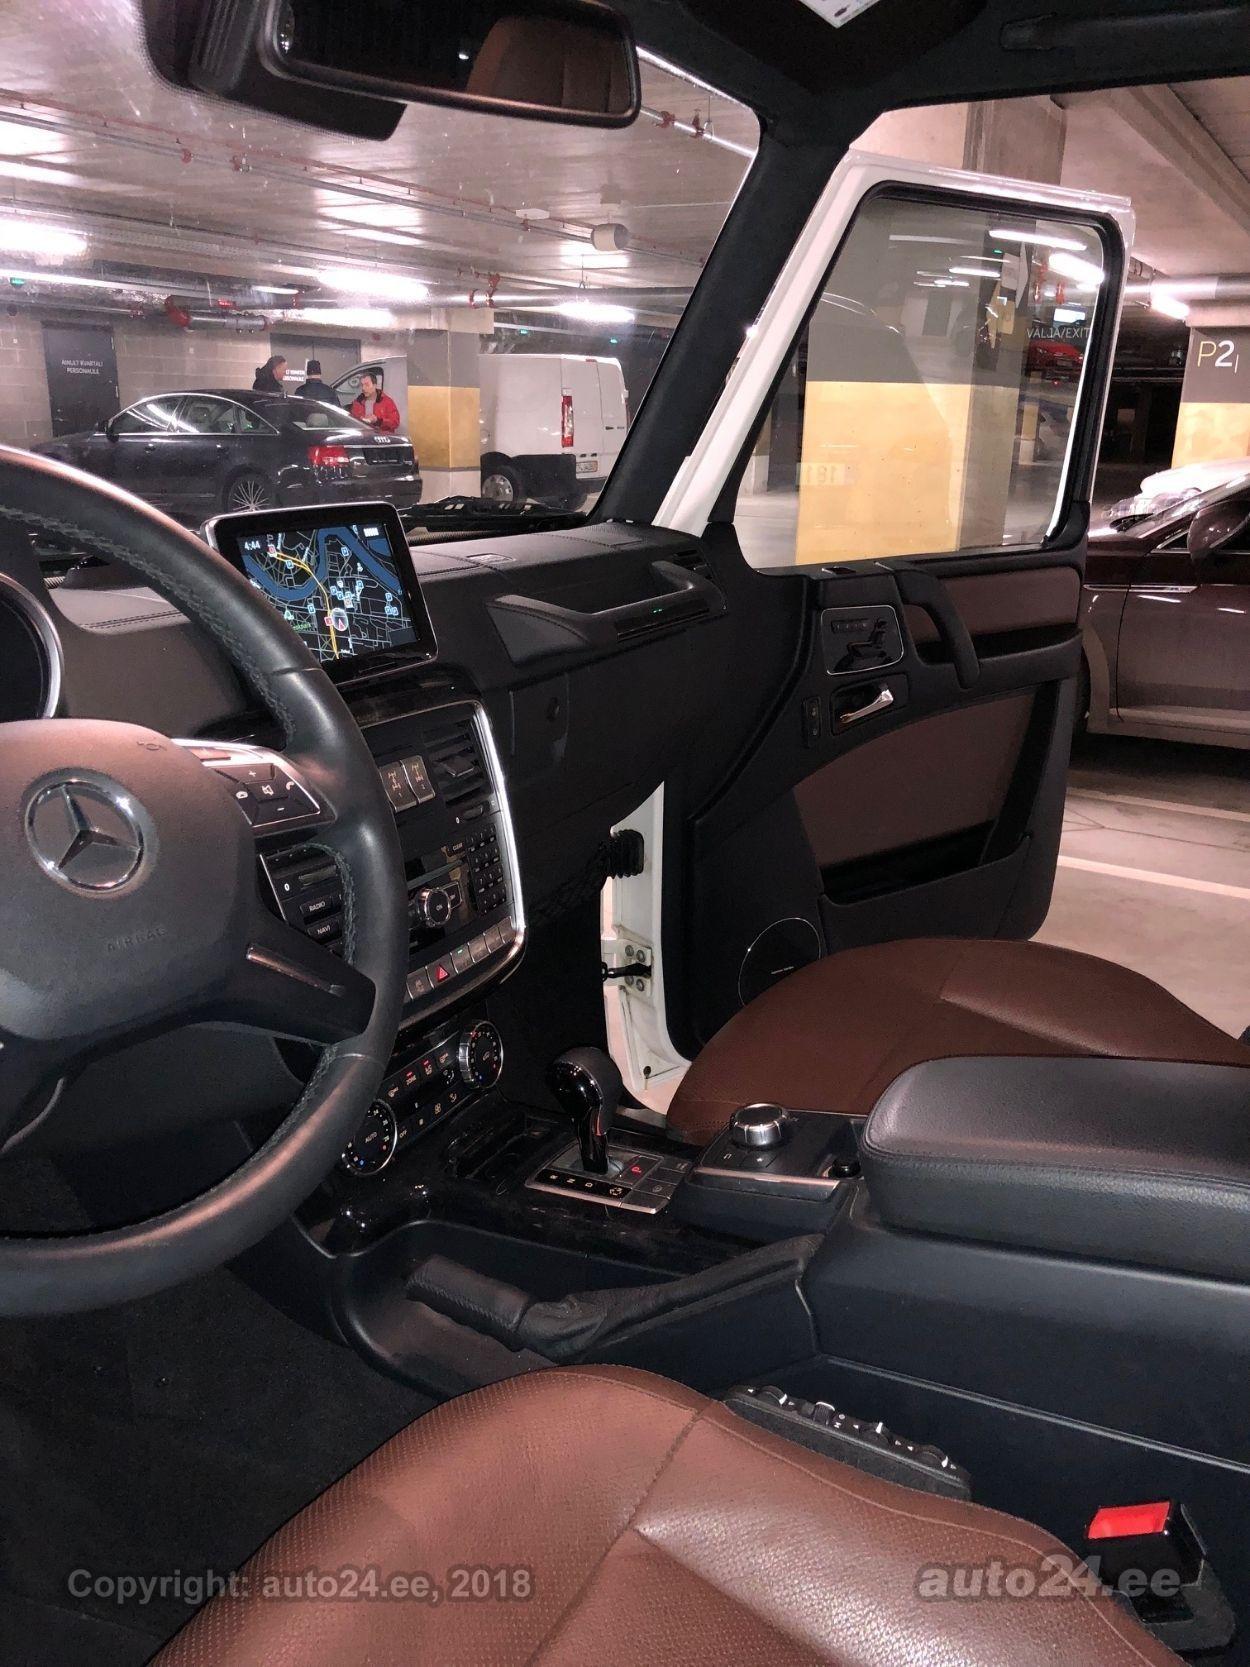 Mercedes-Benz G 350 3.0 180kW